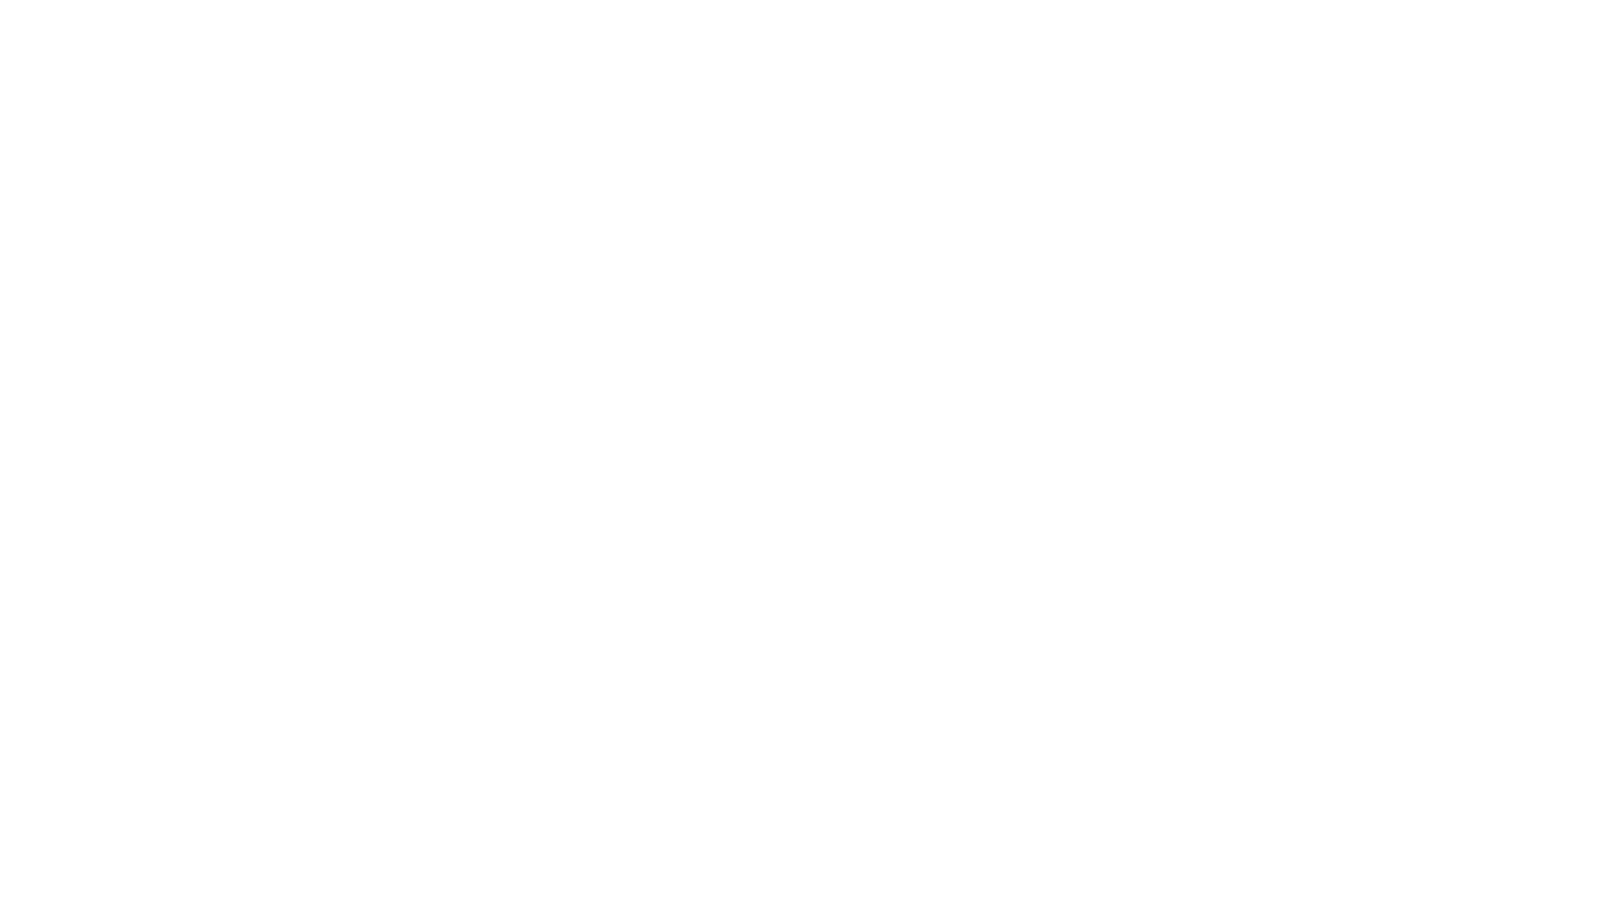 A União Desportiva de Santarém deu ontem um passo determinante para a conquista de um lugar na Liga 3 da próxima época ao vencer em Condeixa por 3-2, depois de estar a perder por 2-0.  Os golos da turma escalabitana foram apontados por Vasco Lopes, aos 54 minutos, André Tavares aos 72', e Jairo aos 88 minutos.  Para o Condeixa marcaram Gonçalo Chaves aos 43 e Ataíde Junior aos 50 minutos.